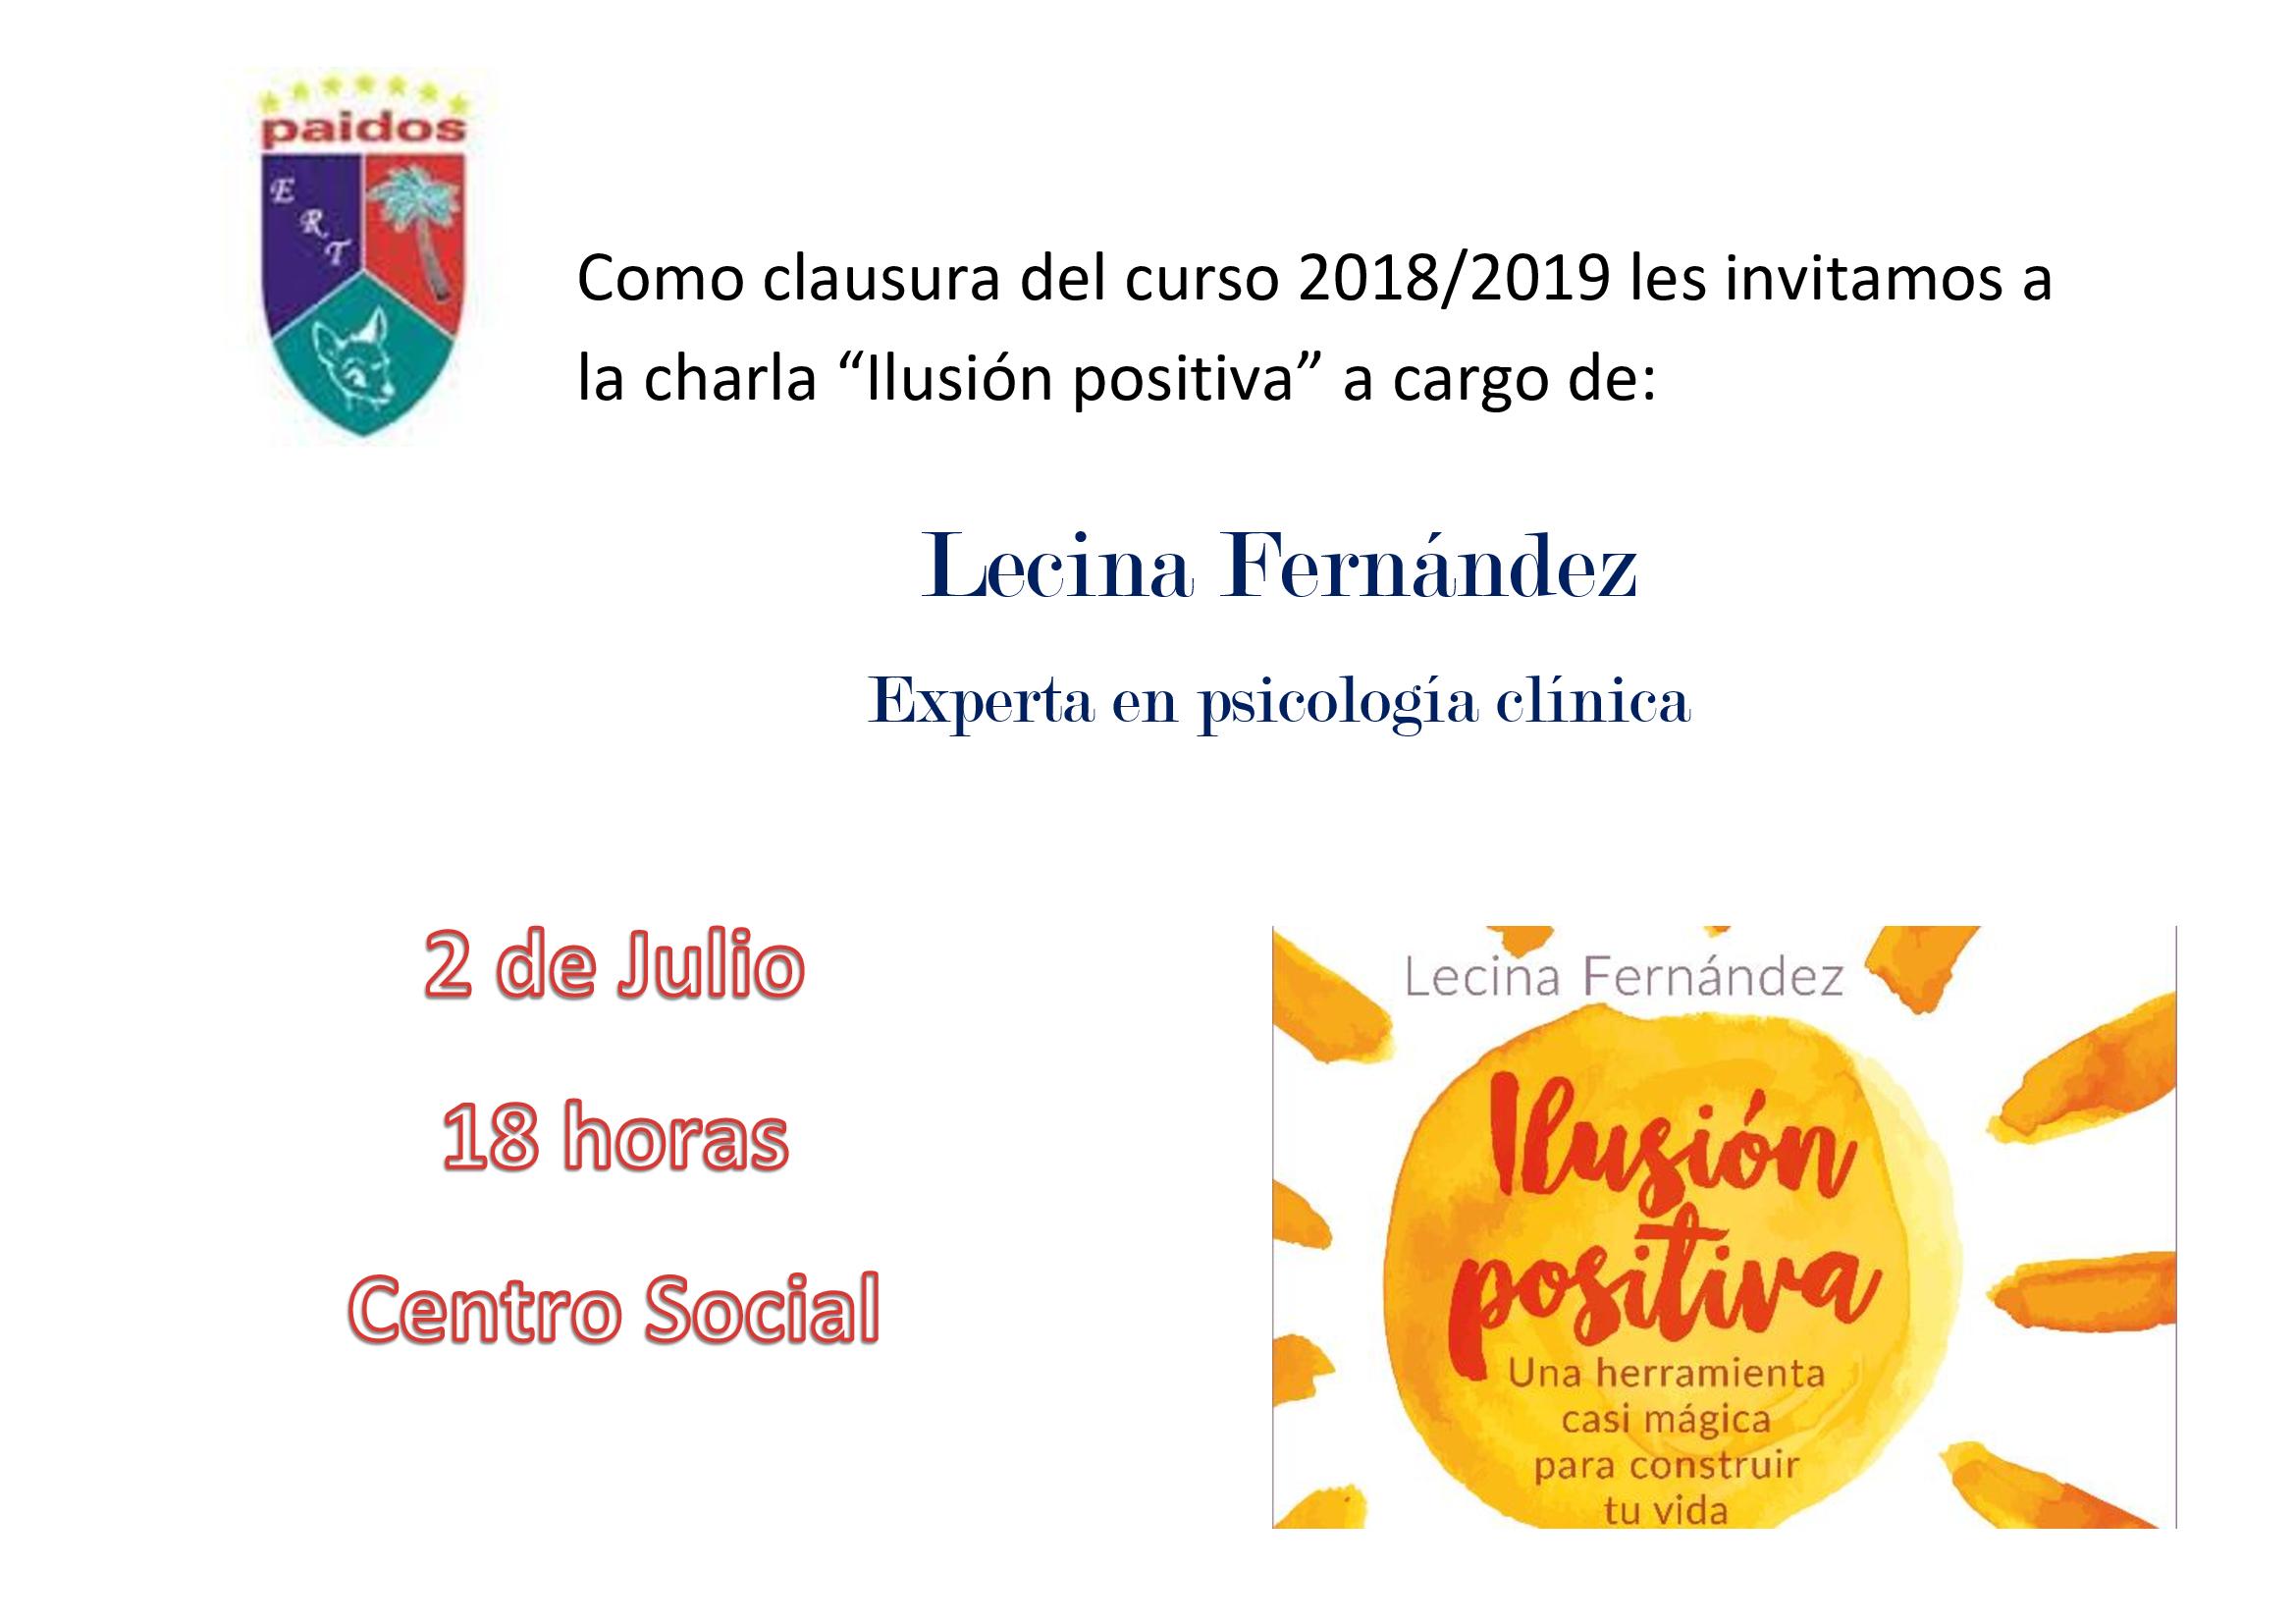 Charla Lecina Fernández en Denia organiza Paidos